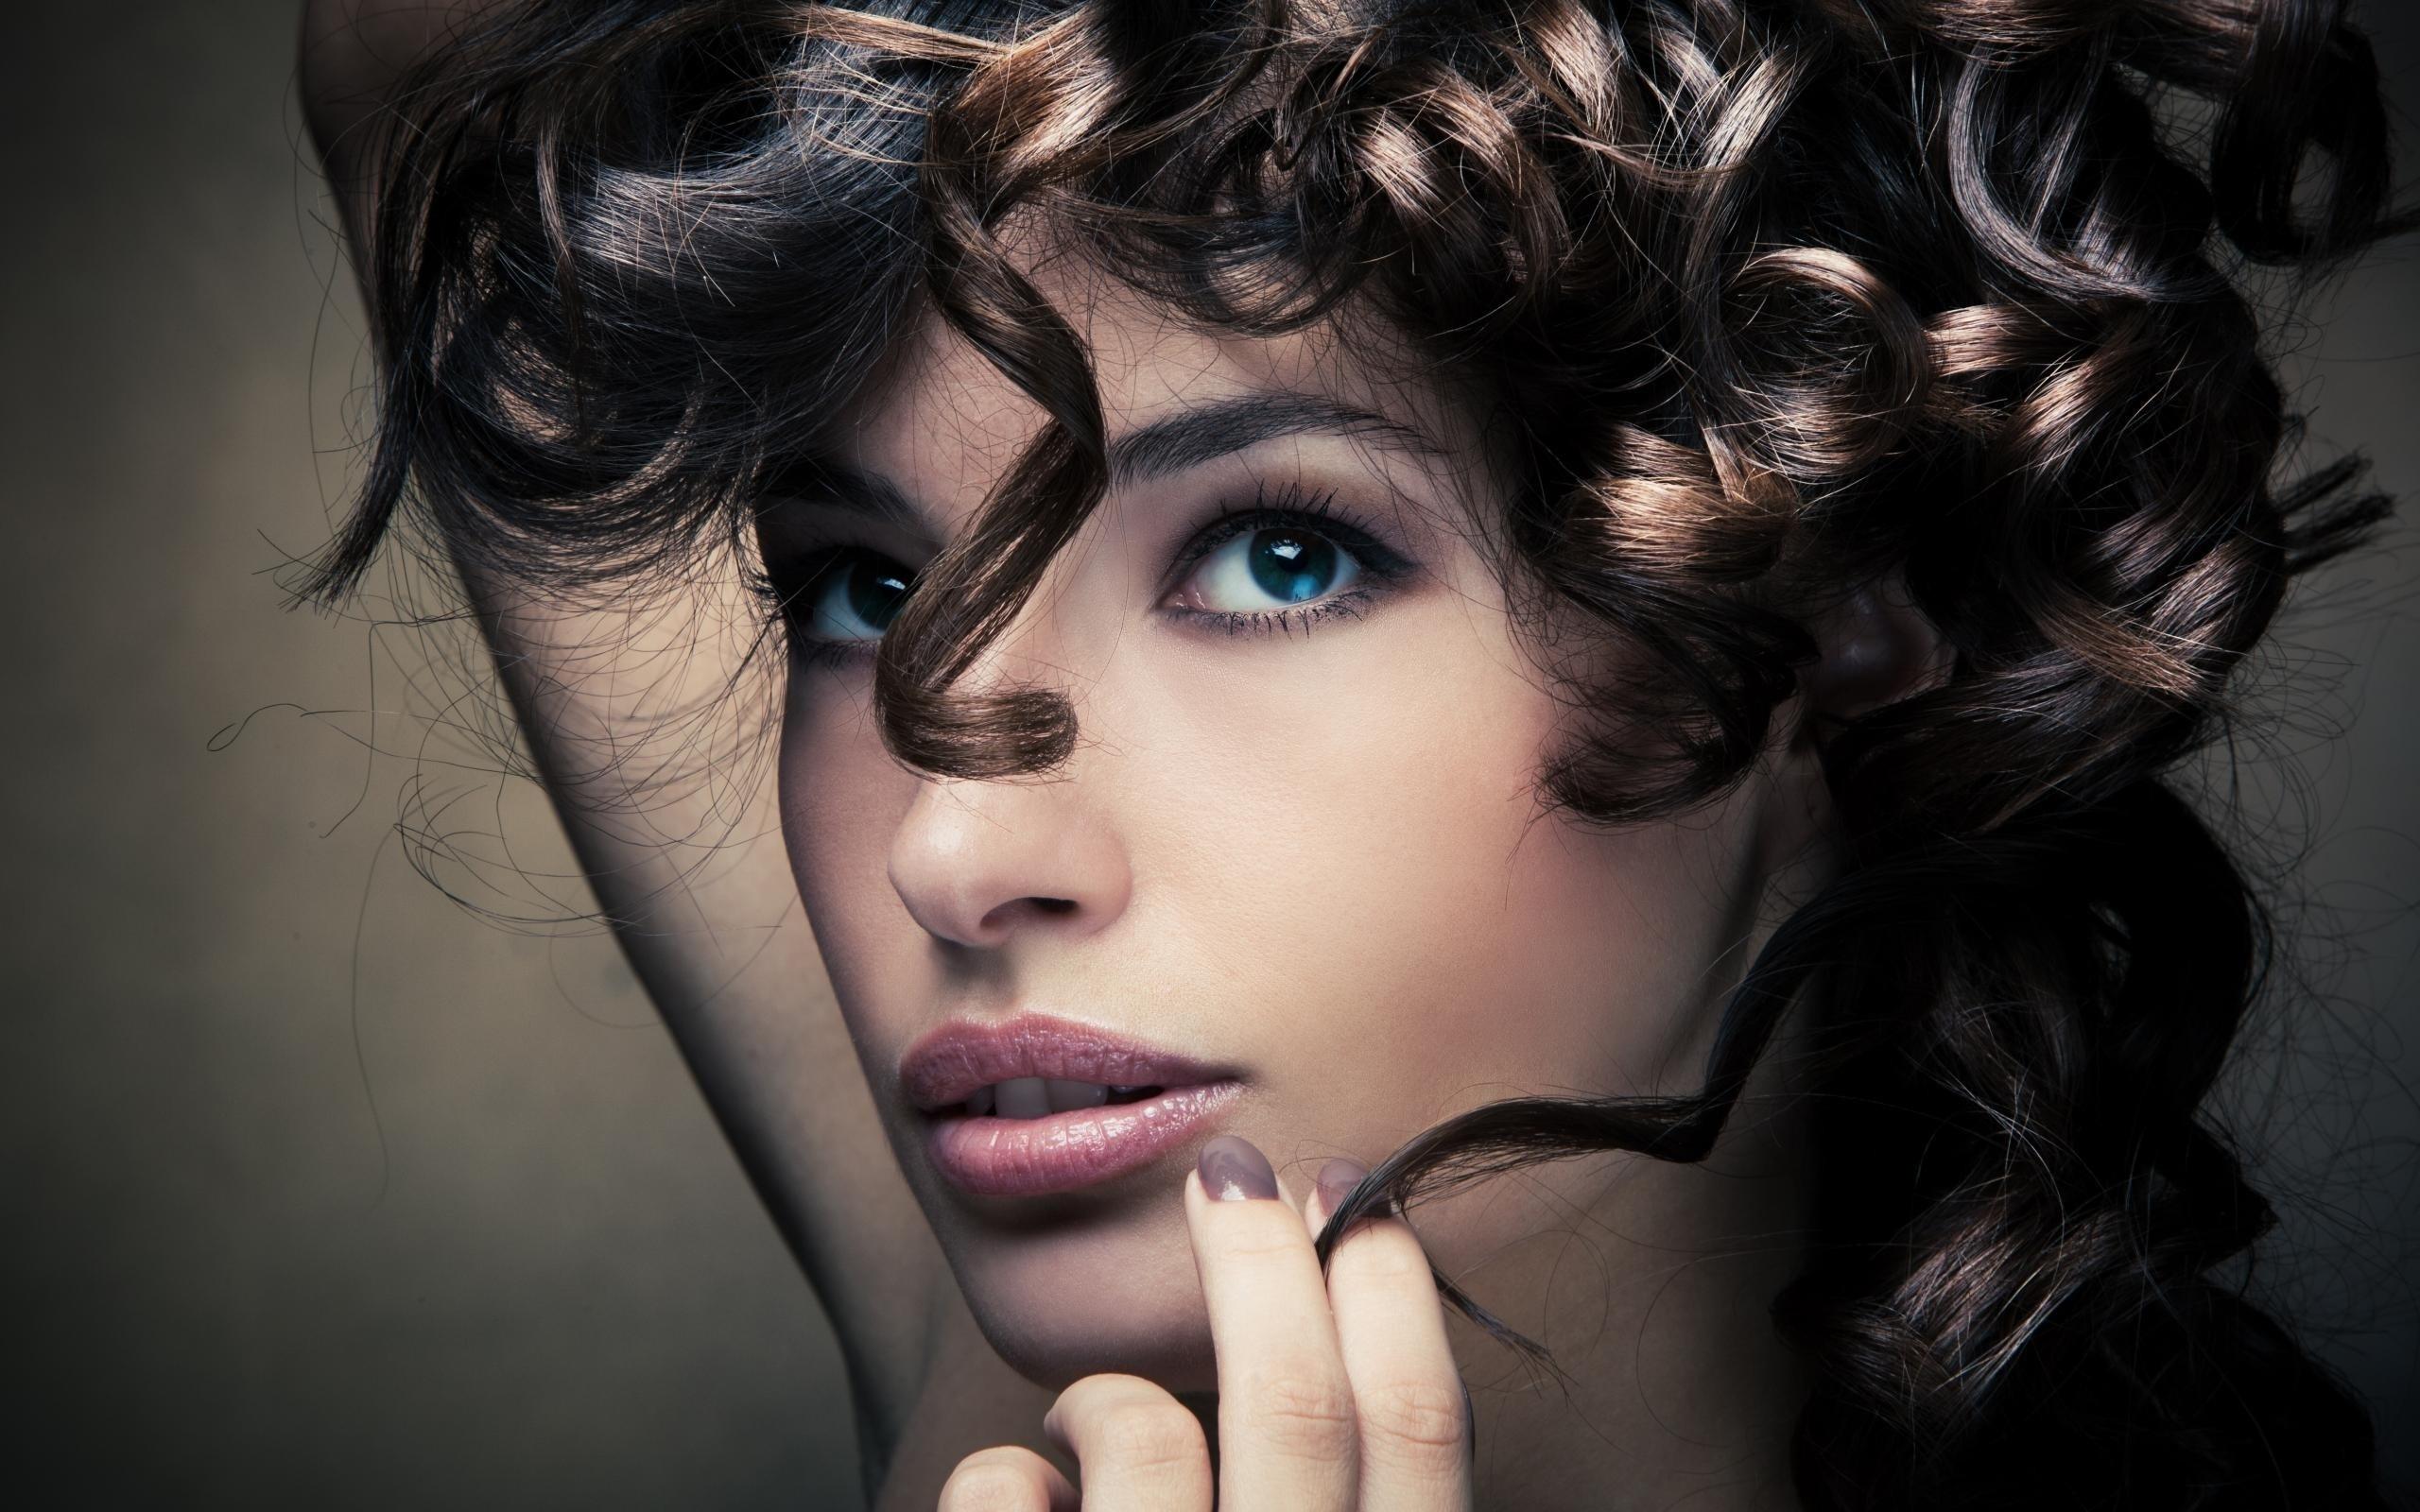 Темноволосая девушка с красивыми локонами